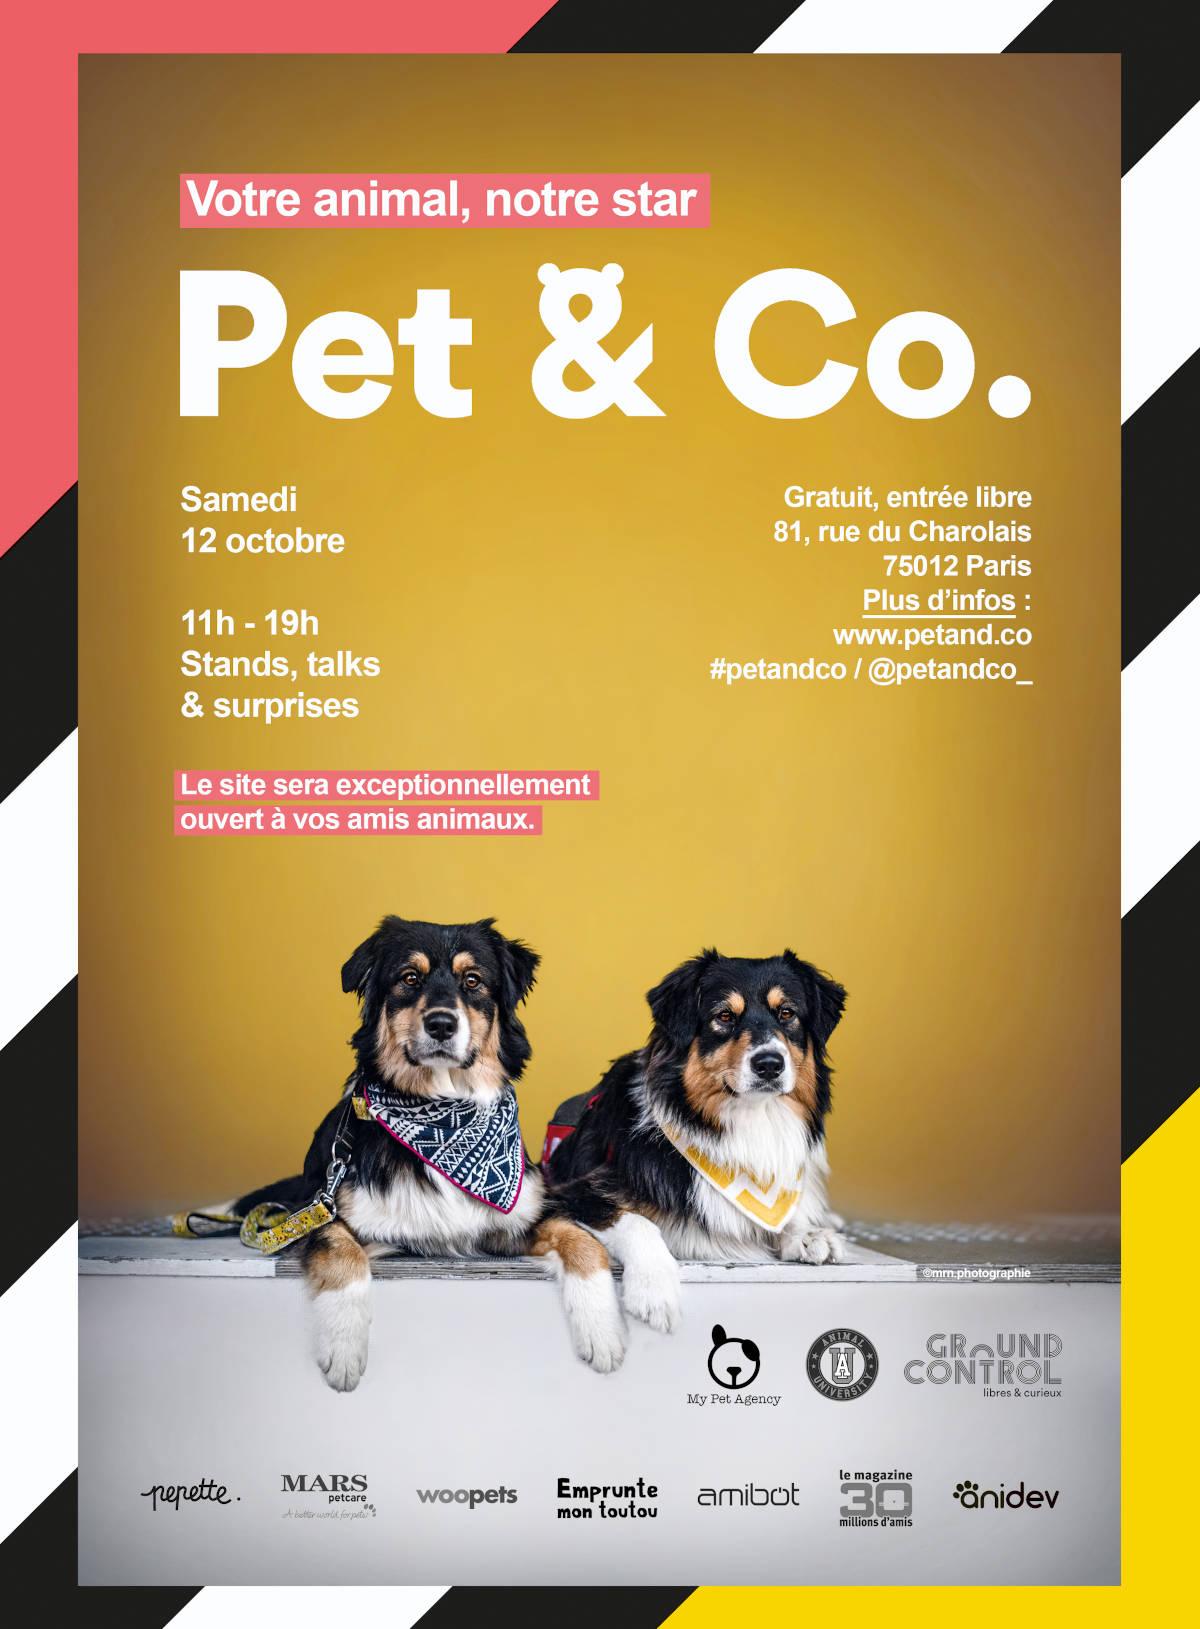 Pet & Co 2019 - Evènement Animal University - Vivre et travailler dans le respect de l'animal